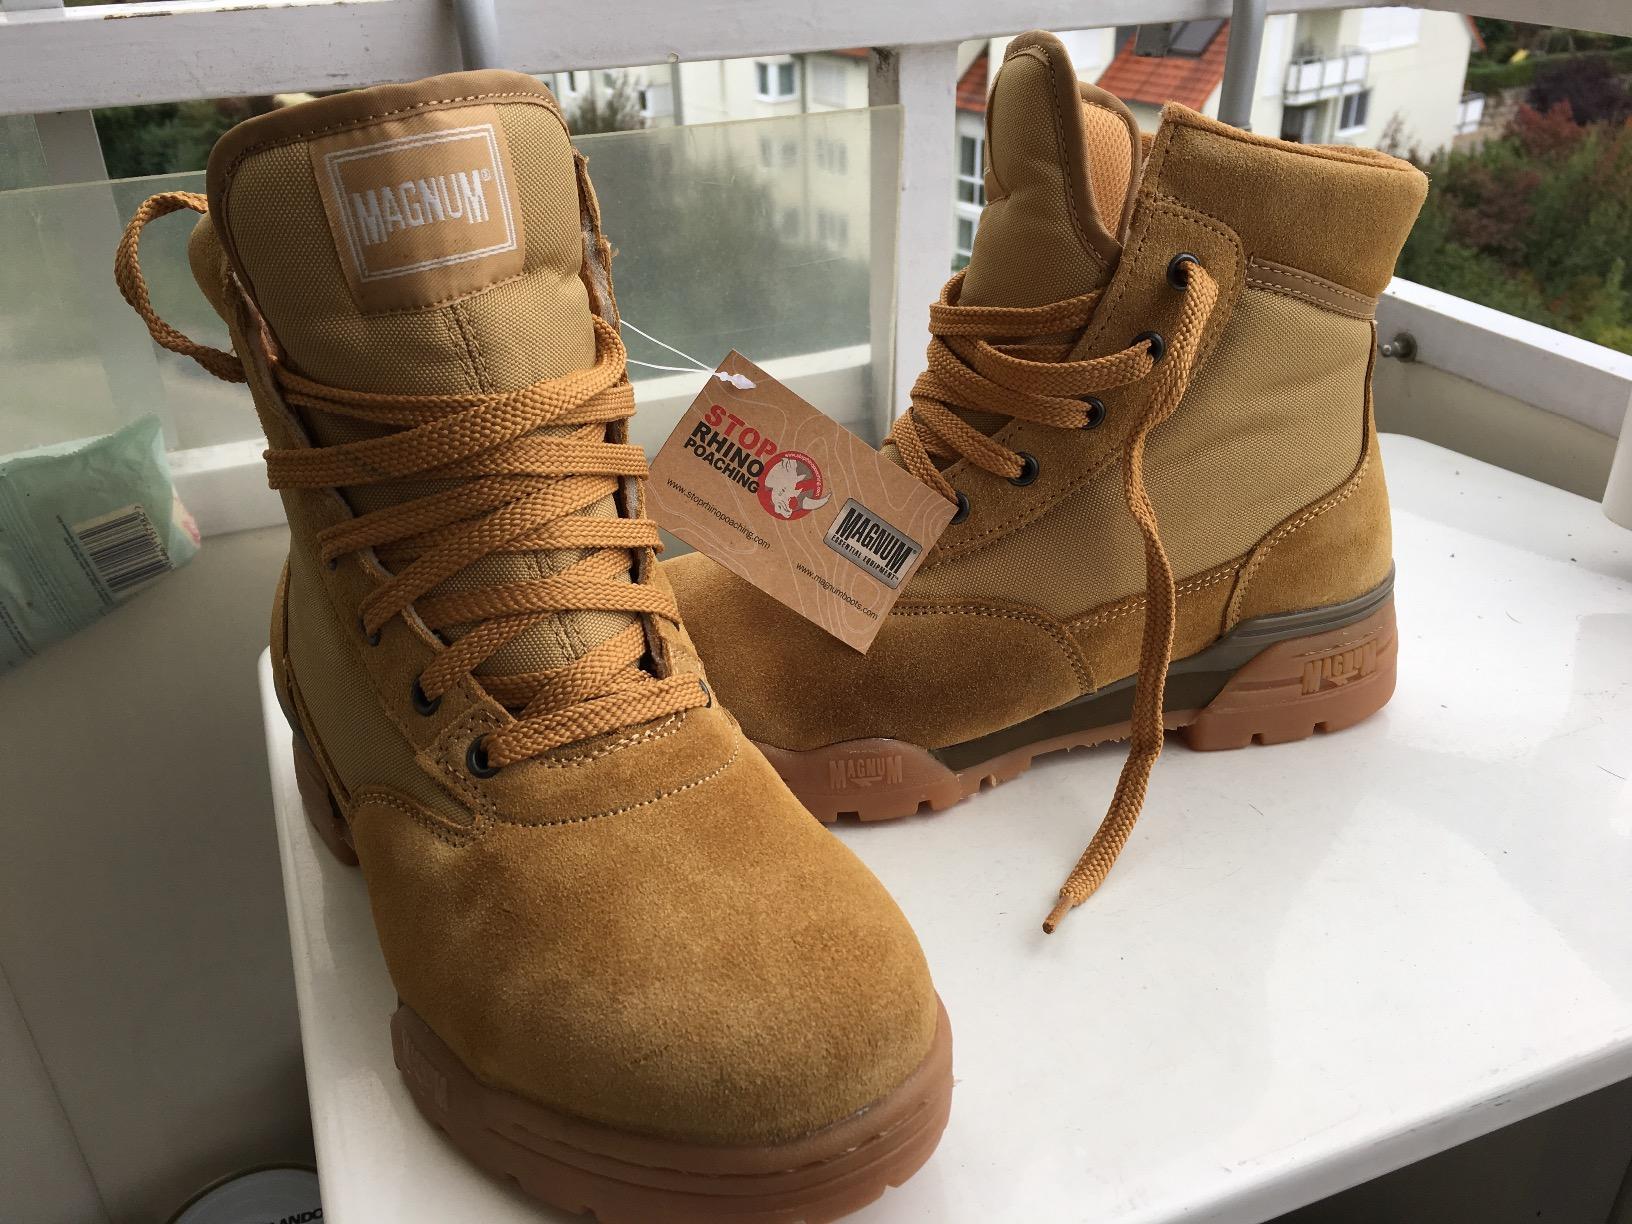 [Amazon Prime] Magnum Classic Mid, Combat Boots